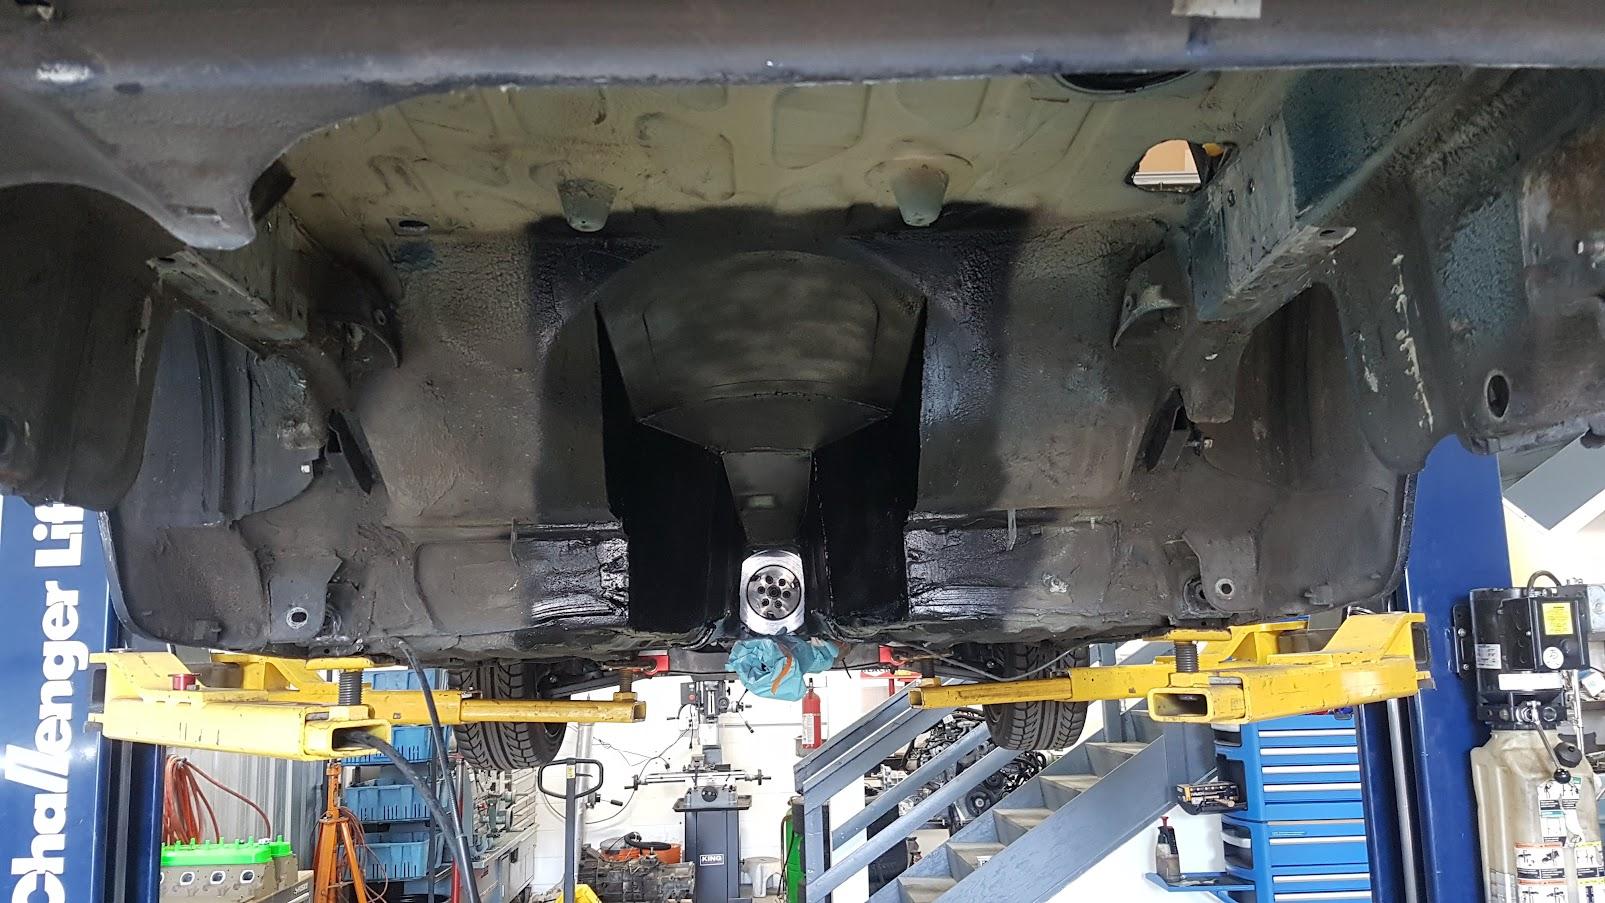 Sharkey's 944 corvette t56 swap thread AM-JKLVfM5f2XNSKa1DIhm59JegFd6u9_jXgOW3UMw_HgV2MIzbISjQyRGoAEWp51pC72ENrLOnuzAeTkSgvGrJ2Gh66z8tQbkLVljGXq3JFkUH40PuJiPZqy3xl07jIyOQLc5aDmzMoQohwJ_6DmEnq-fZ4=w1605-h903-no?authuser=0